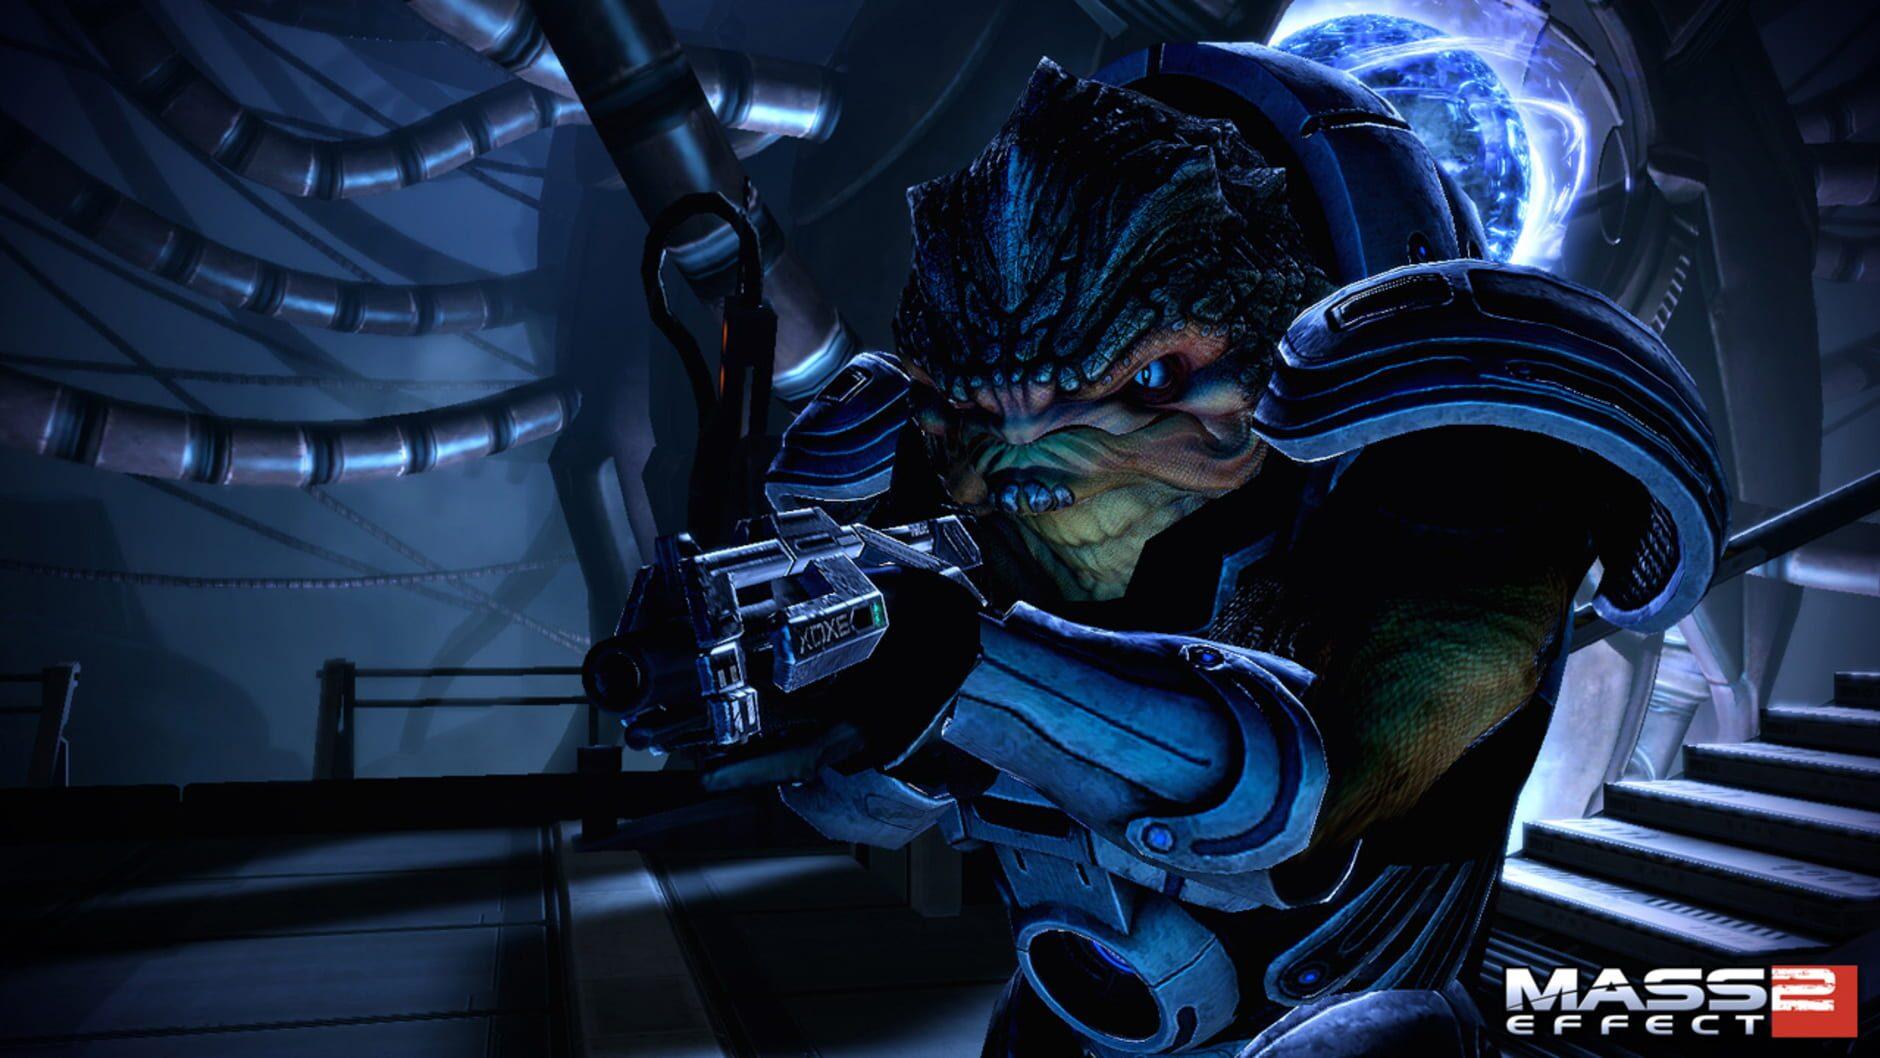 Mass Effect 2 - 3